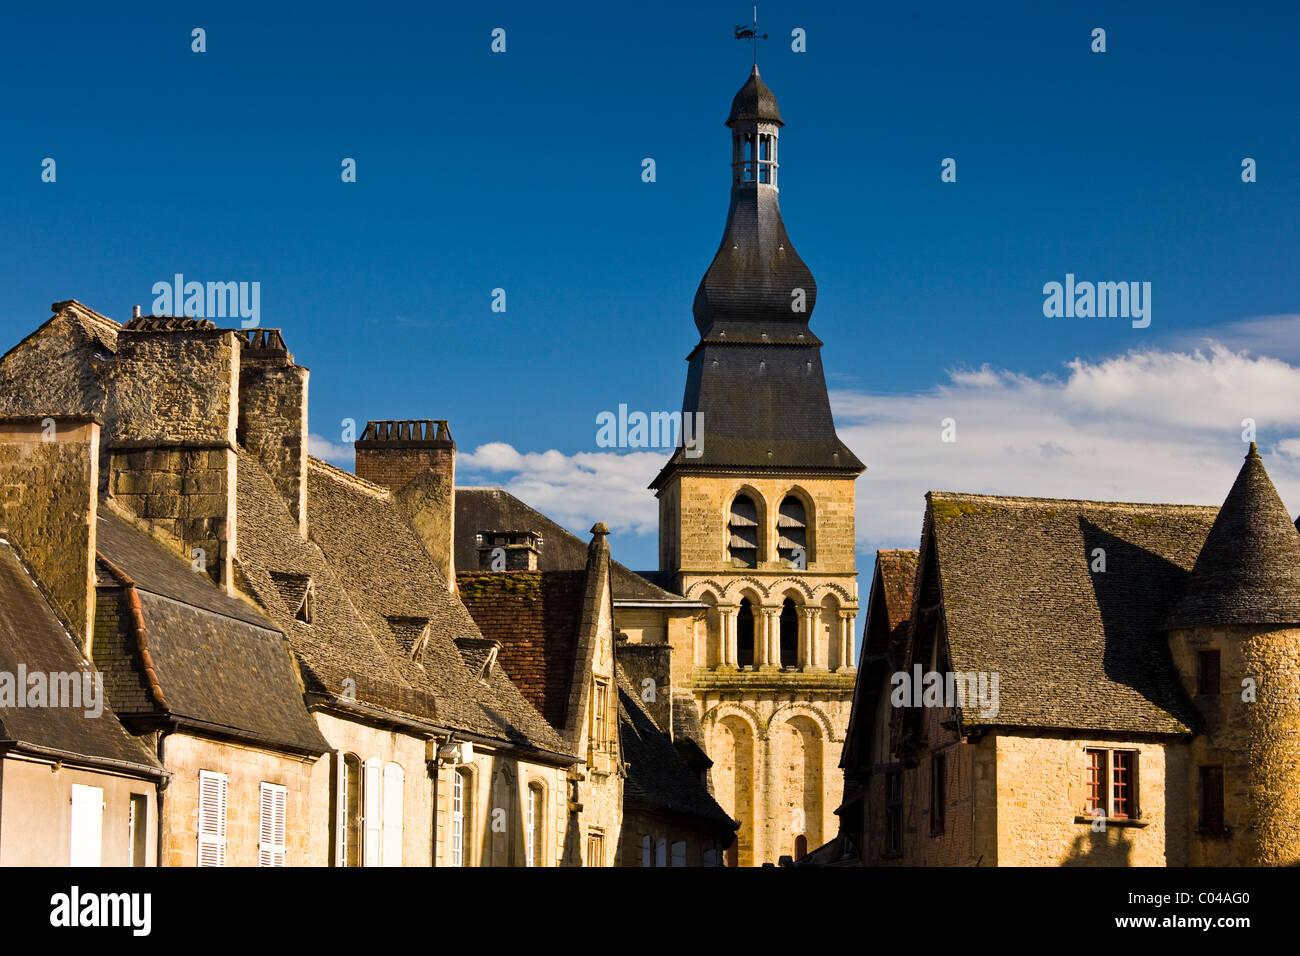 Typische französische Architektur in malerischen beliebtes Touristenziel von Sarlat in Dordogne, Frankreich Stockbild